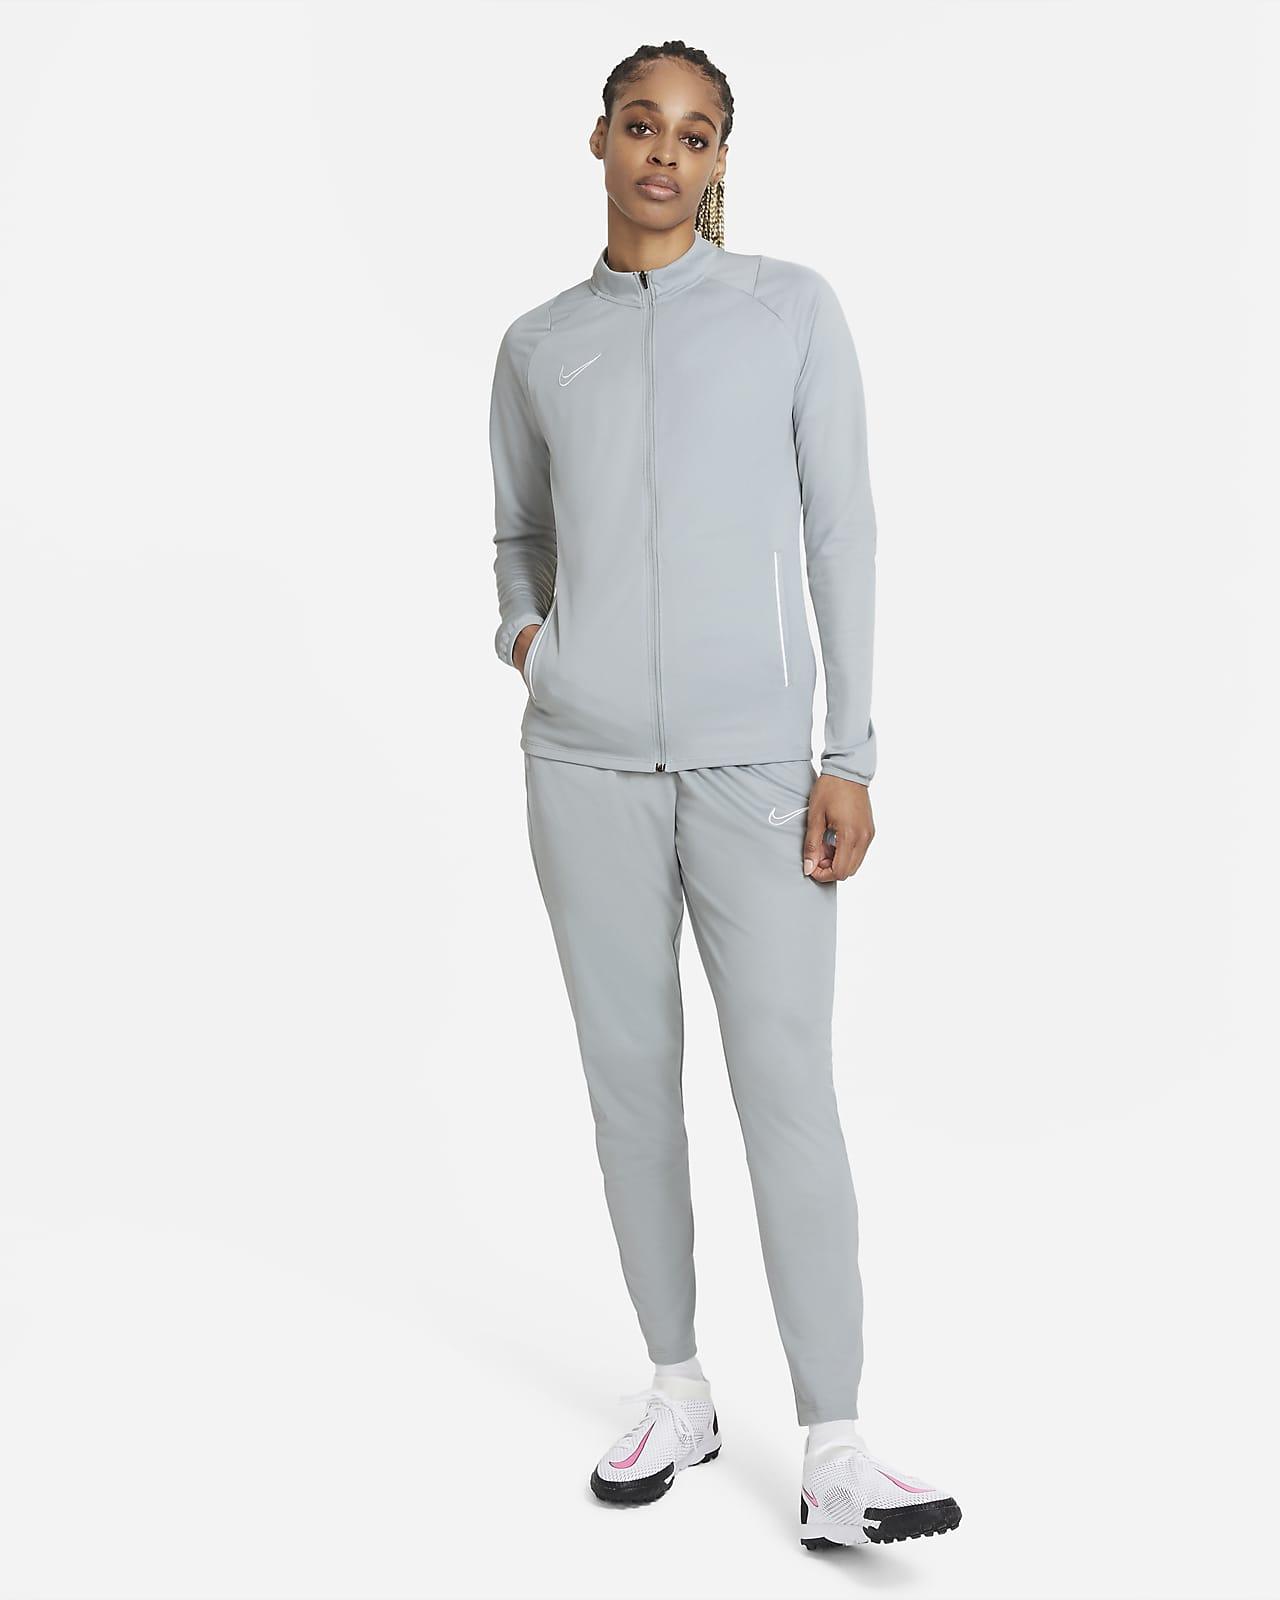 Γυναικεία πλεκτή ποδοσφαιρική φόρμα Nike Dri-FIT Academy